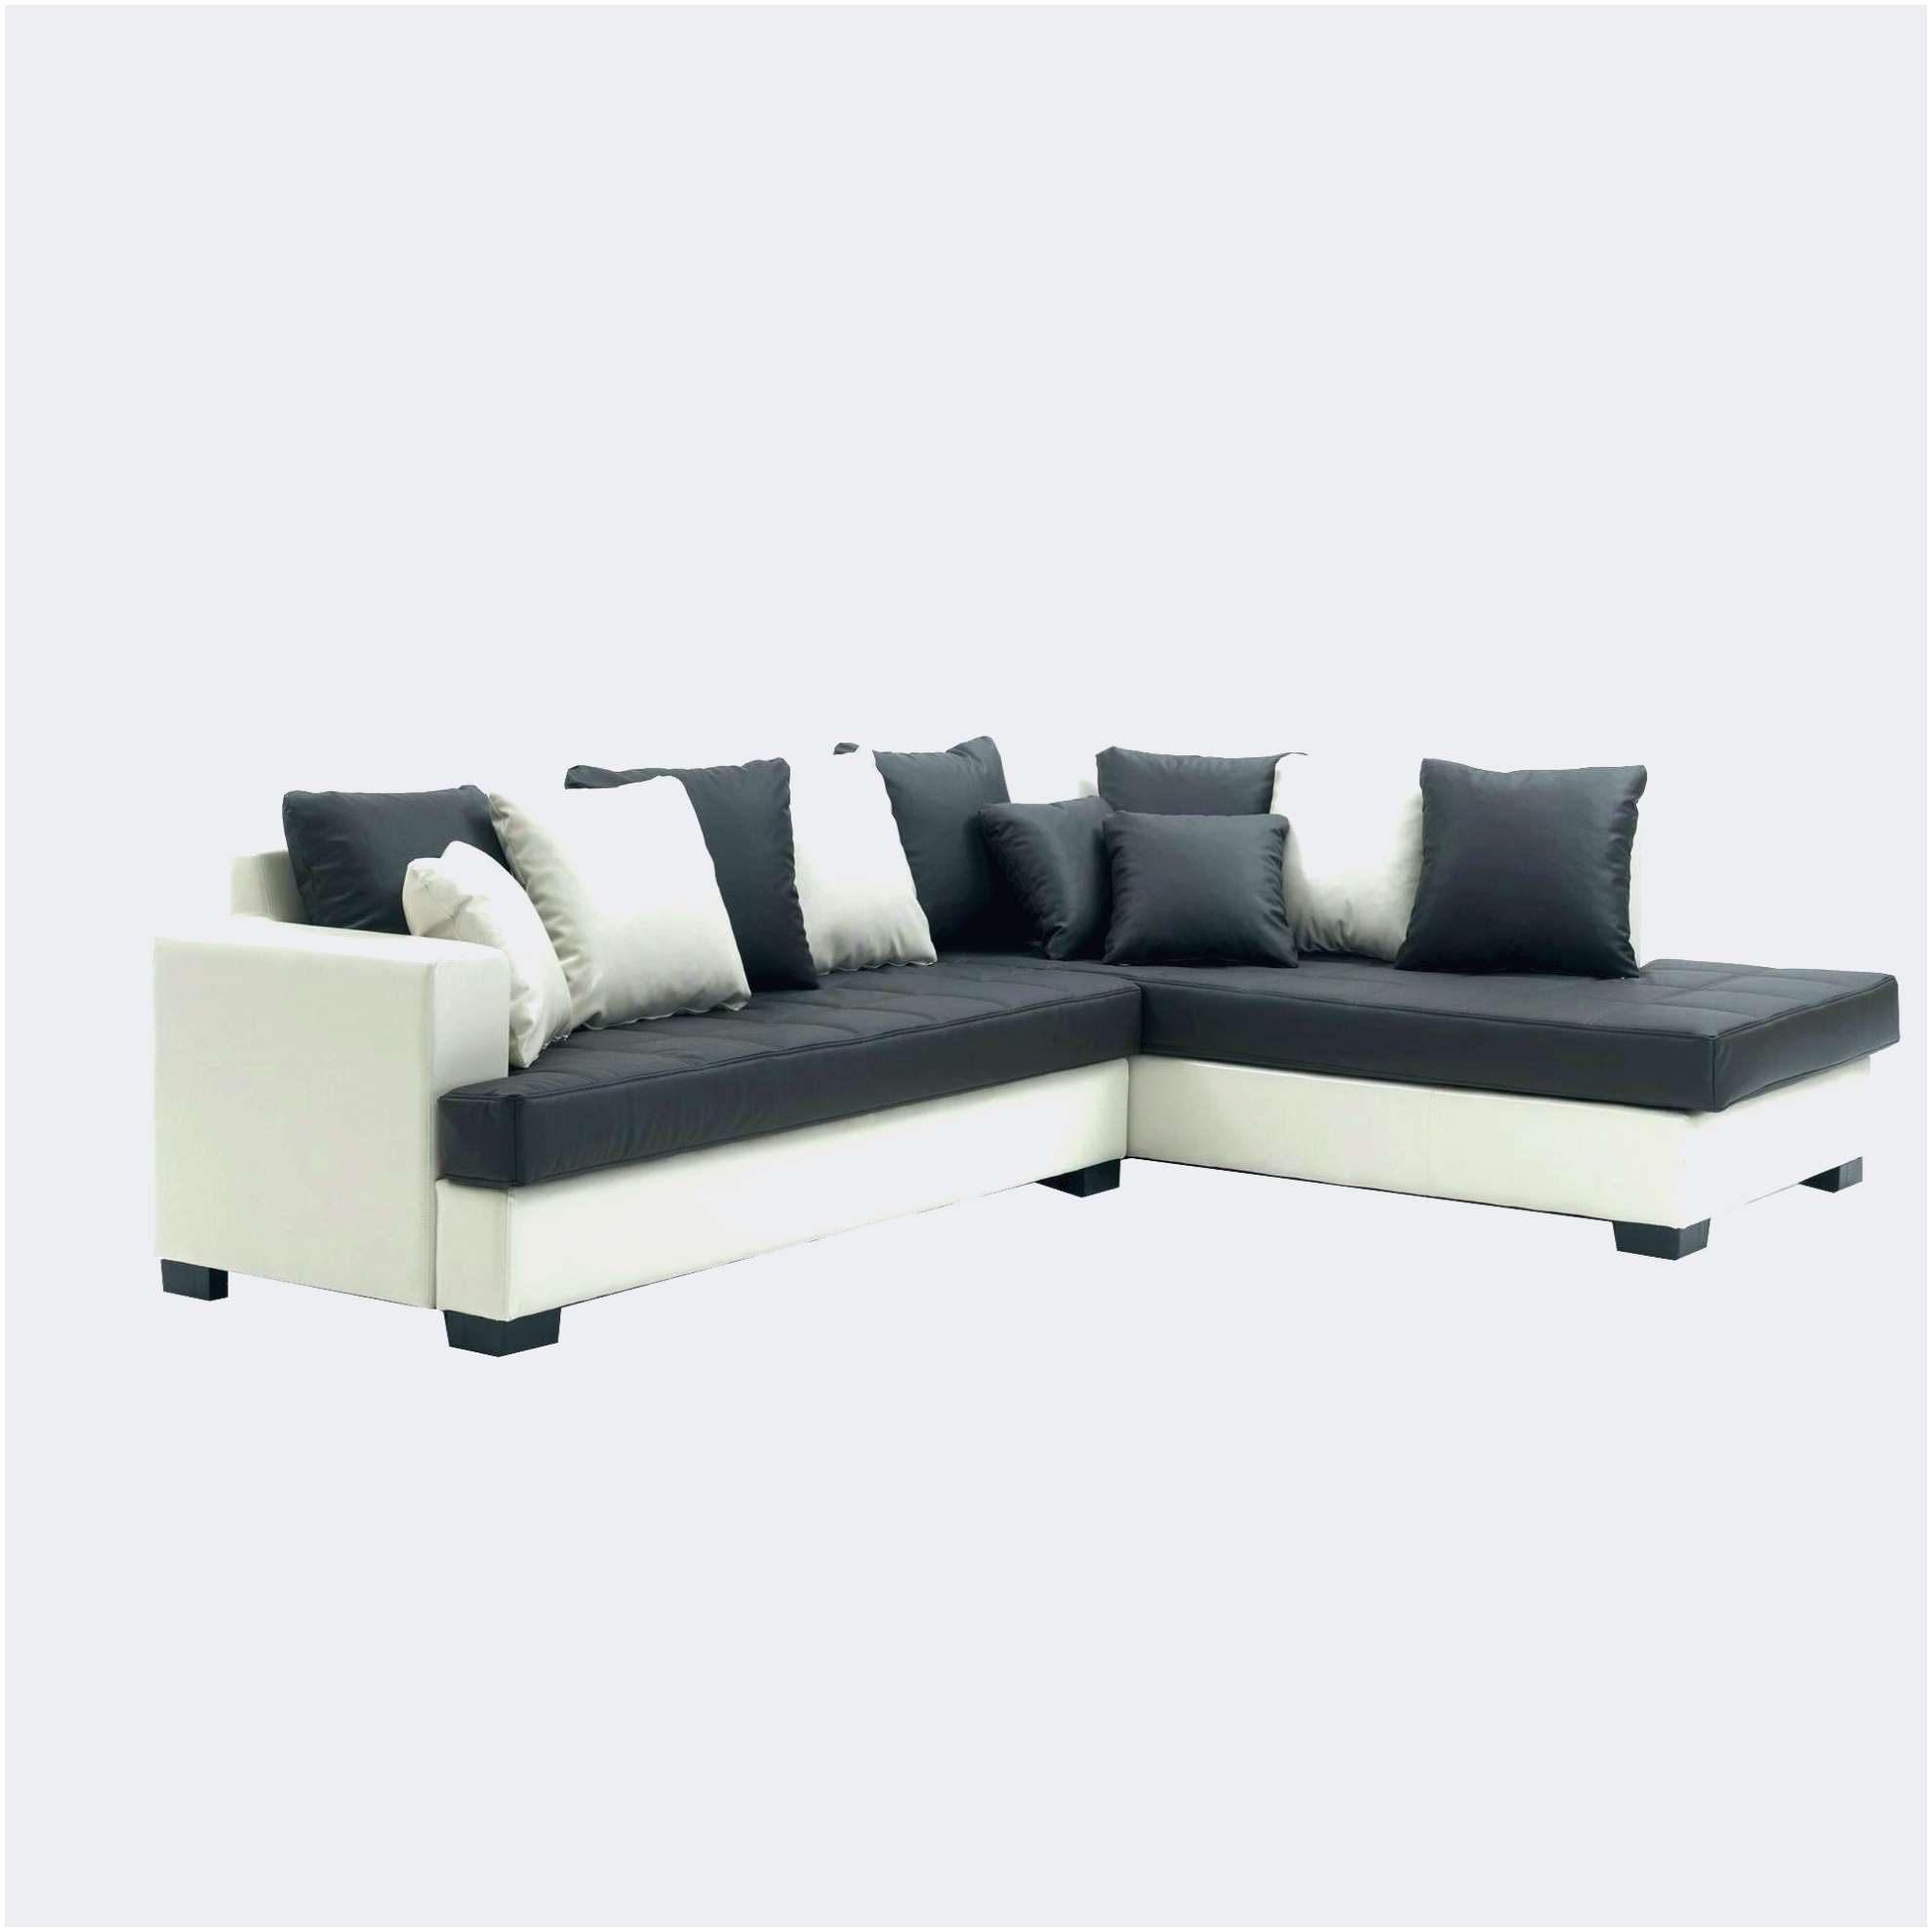 Canapé Lit Convertible Ikea Impressionnant Le Meilleur De Canapé D Angle Petite Taille Pour Option Canapé Angle